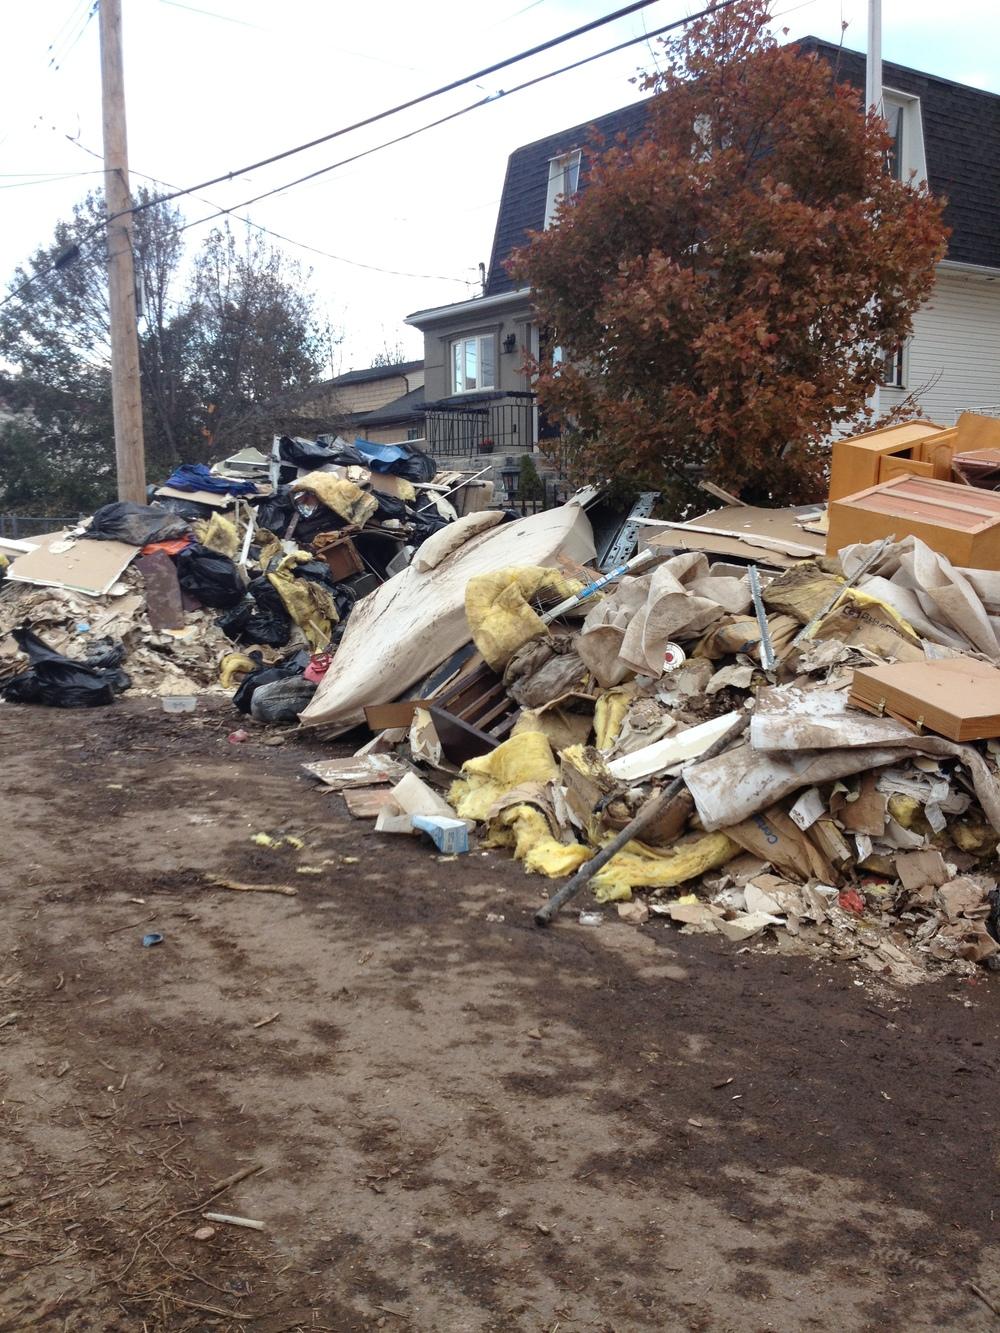 garbage piles